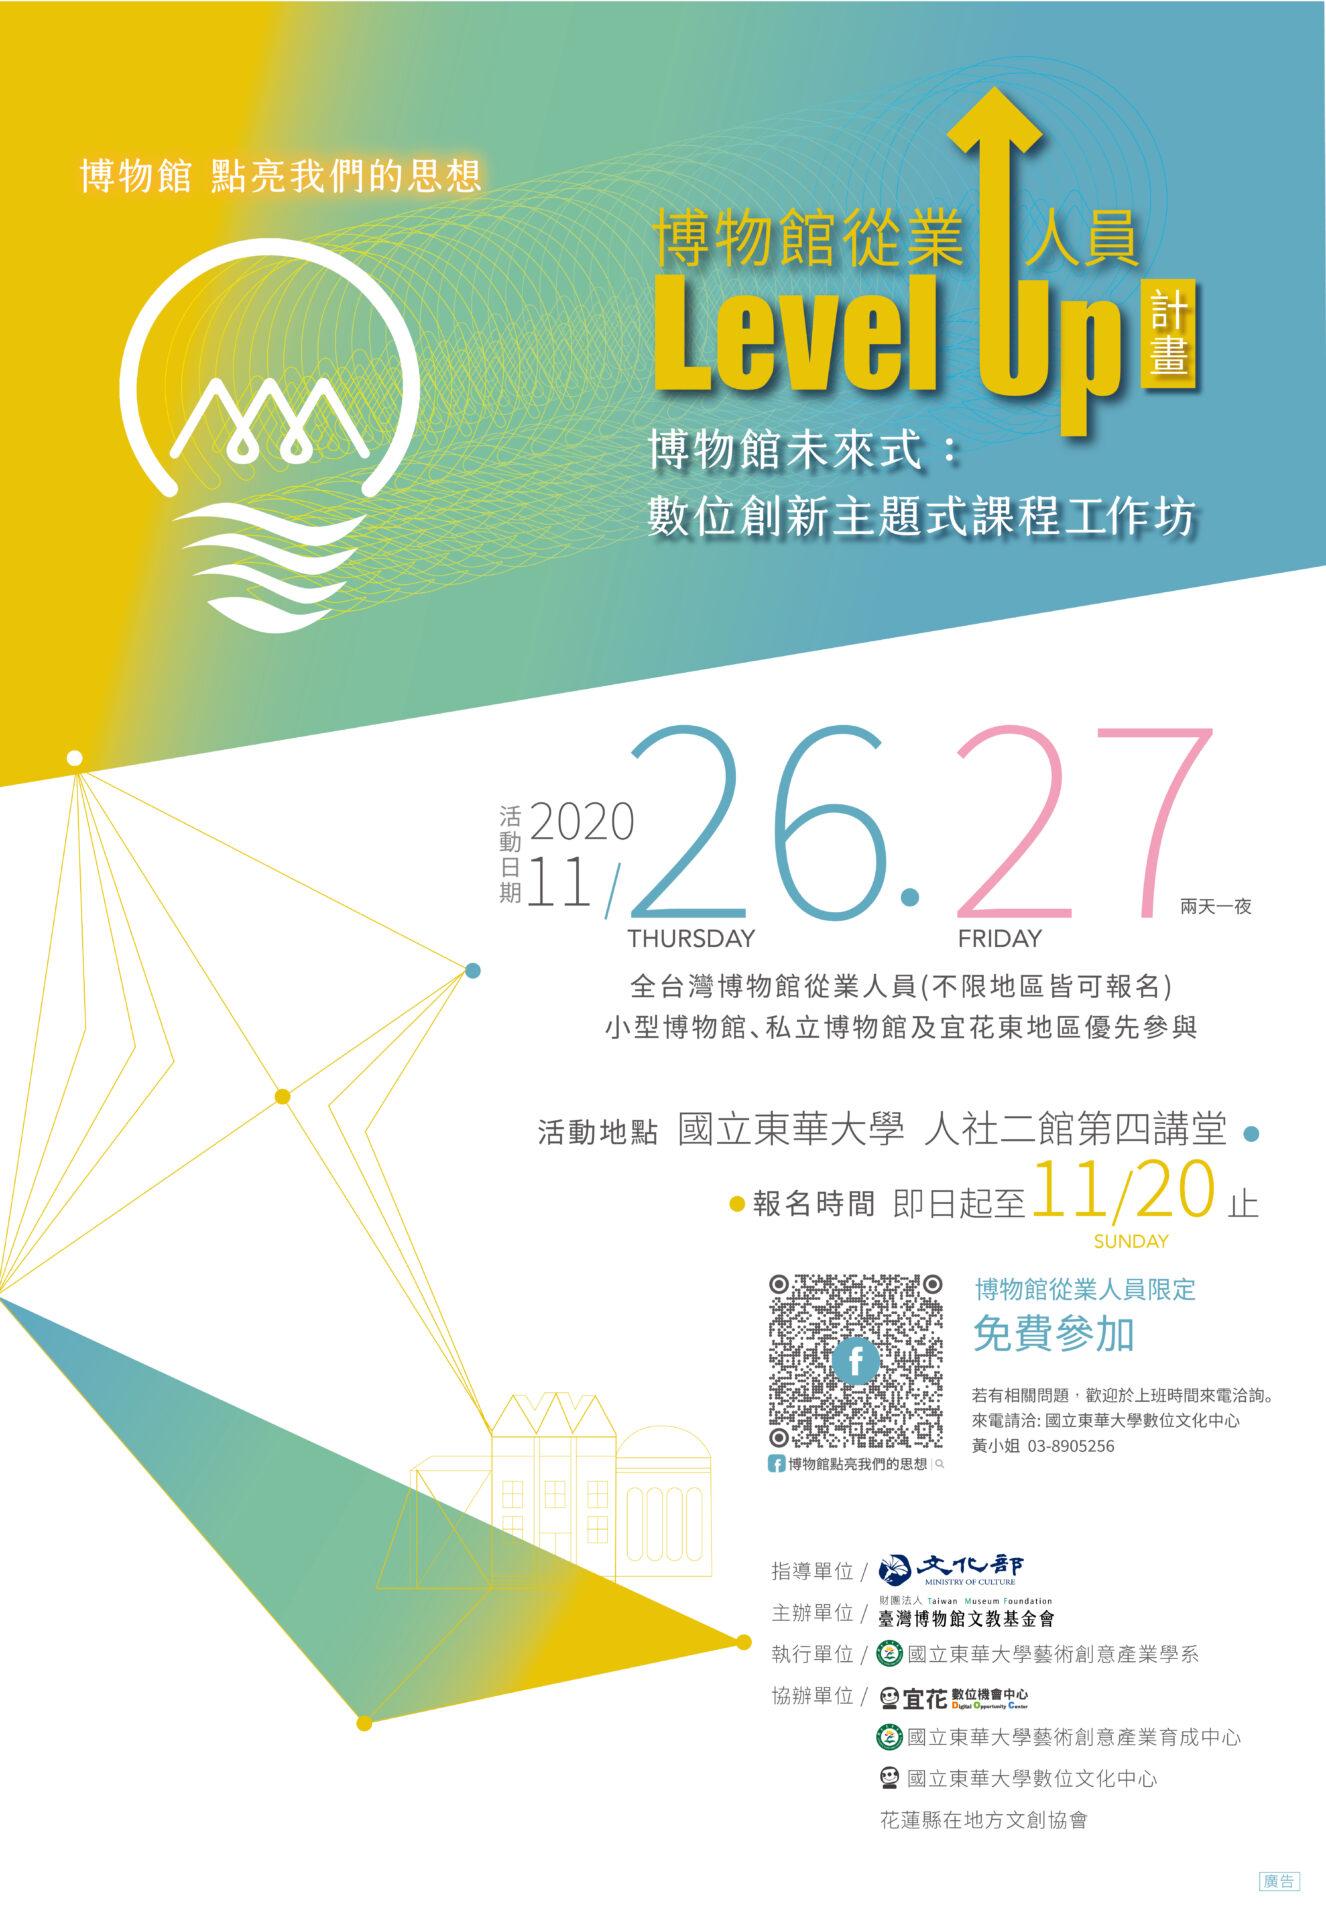 財團法人臺灣博物館文教基金會:2020/11/26-11/27【博物館從業人員Level UP計畫(東部)】(報名截止日期:11/20)